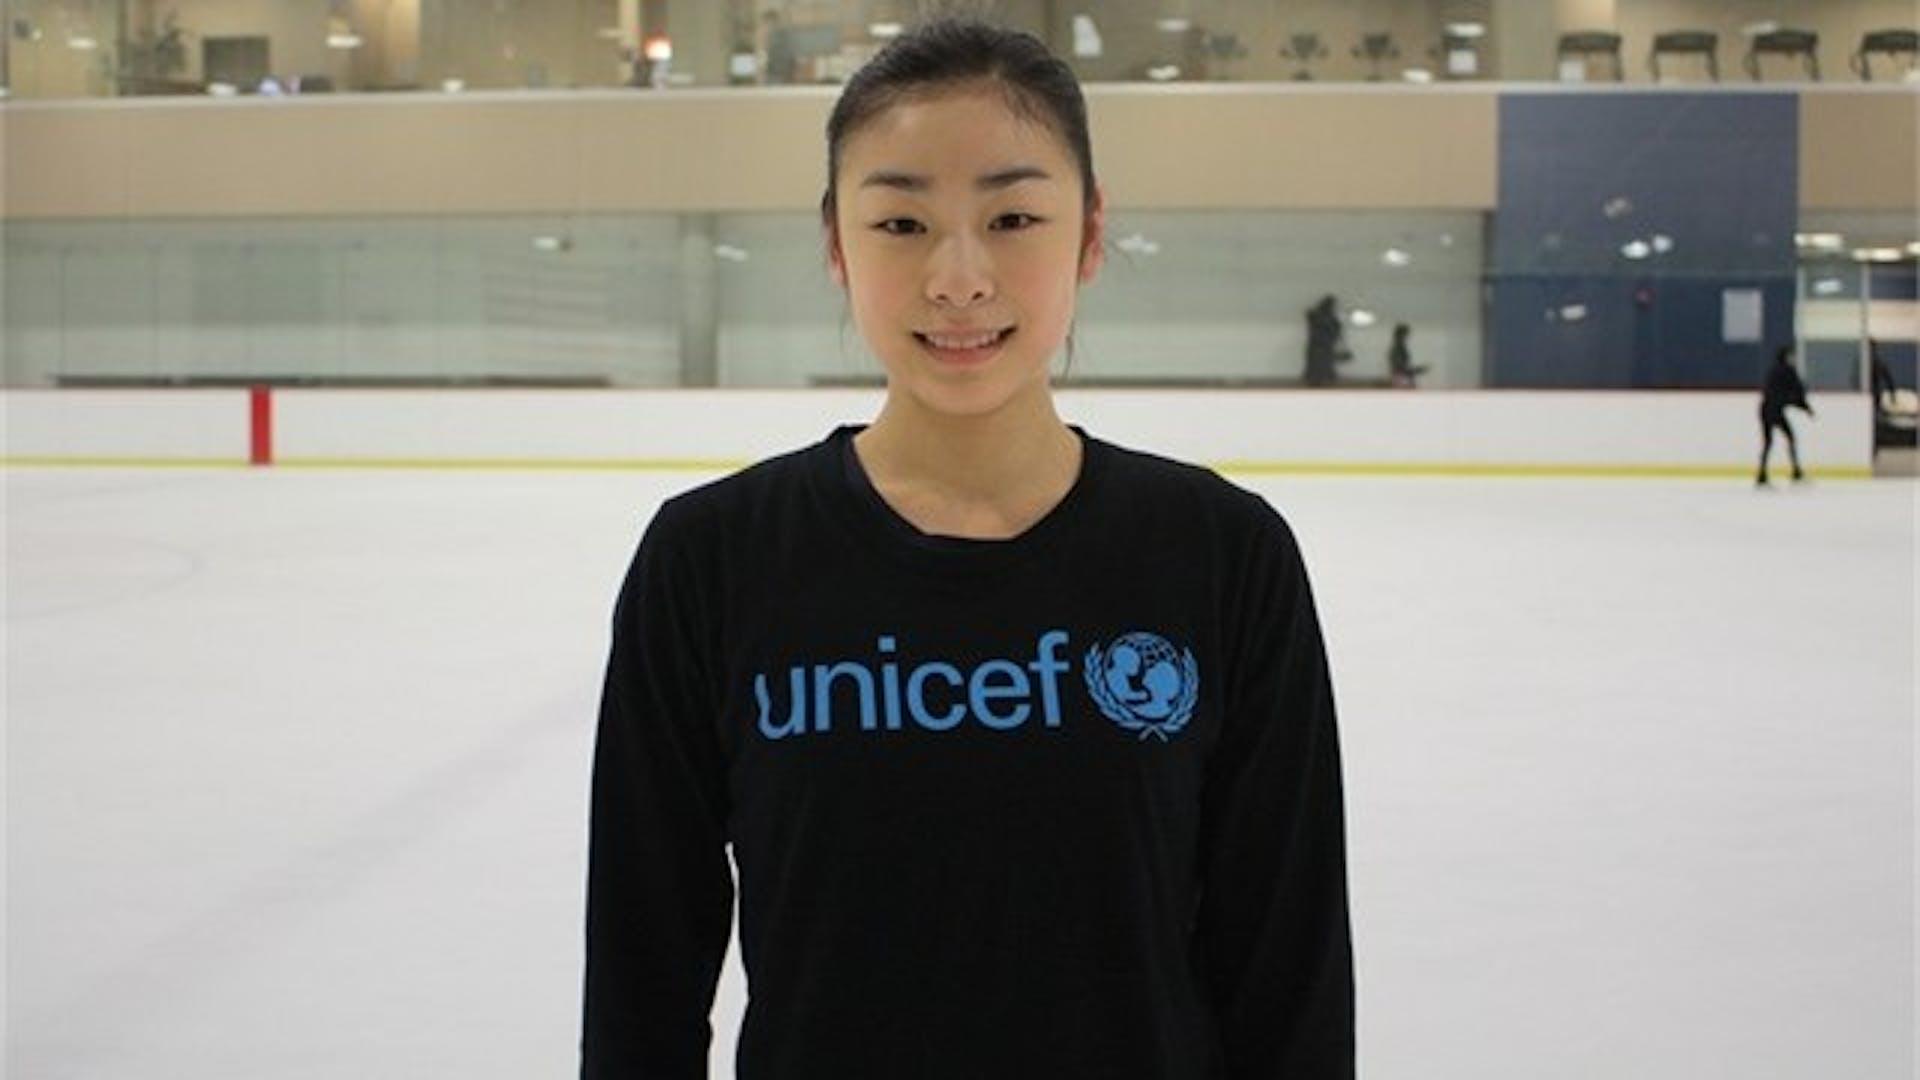 La campionessa mondiale di pattinaggio di figura Yuna Kim